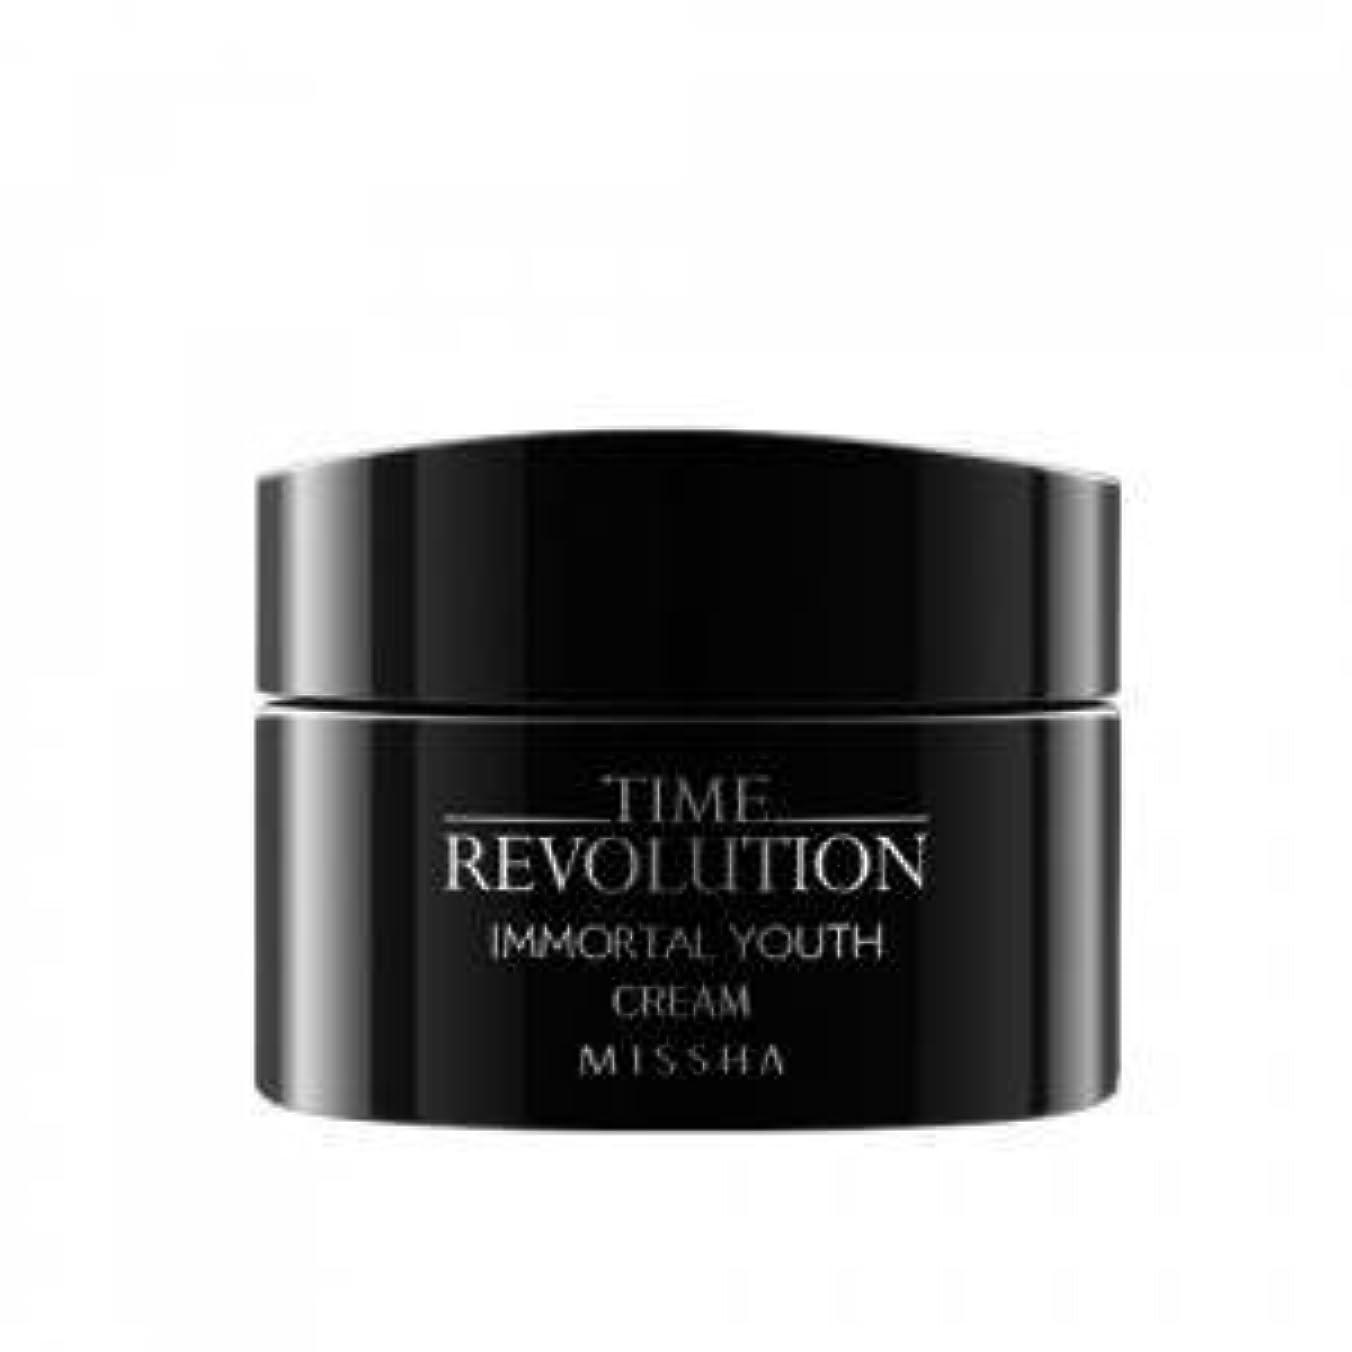 苛性適切な効能【MISSHA (ミシャ)】 Time Revolution Immortal Youth Cream タイムレボリューション イモータルユース クリーム